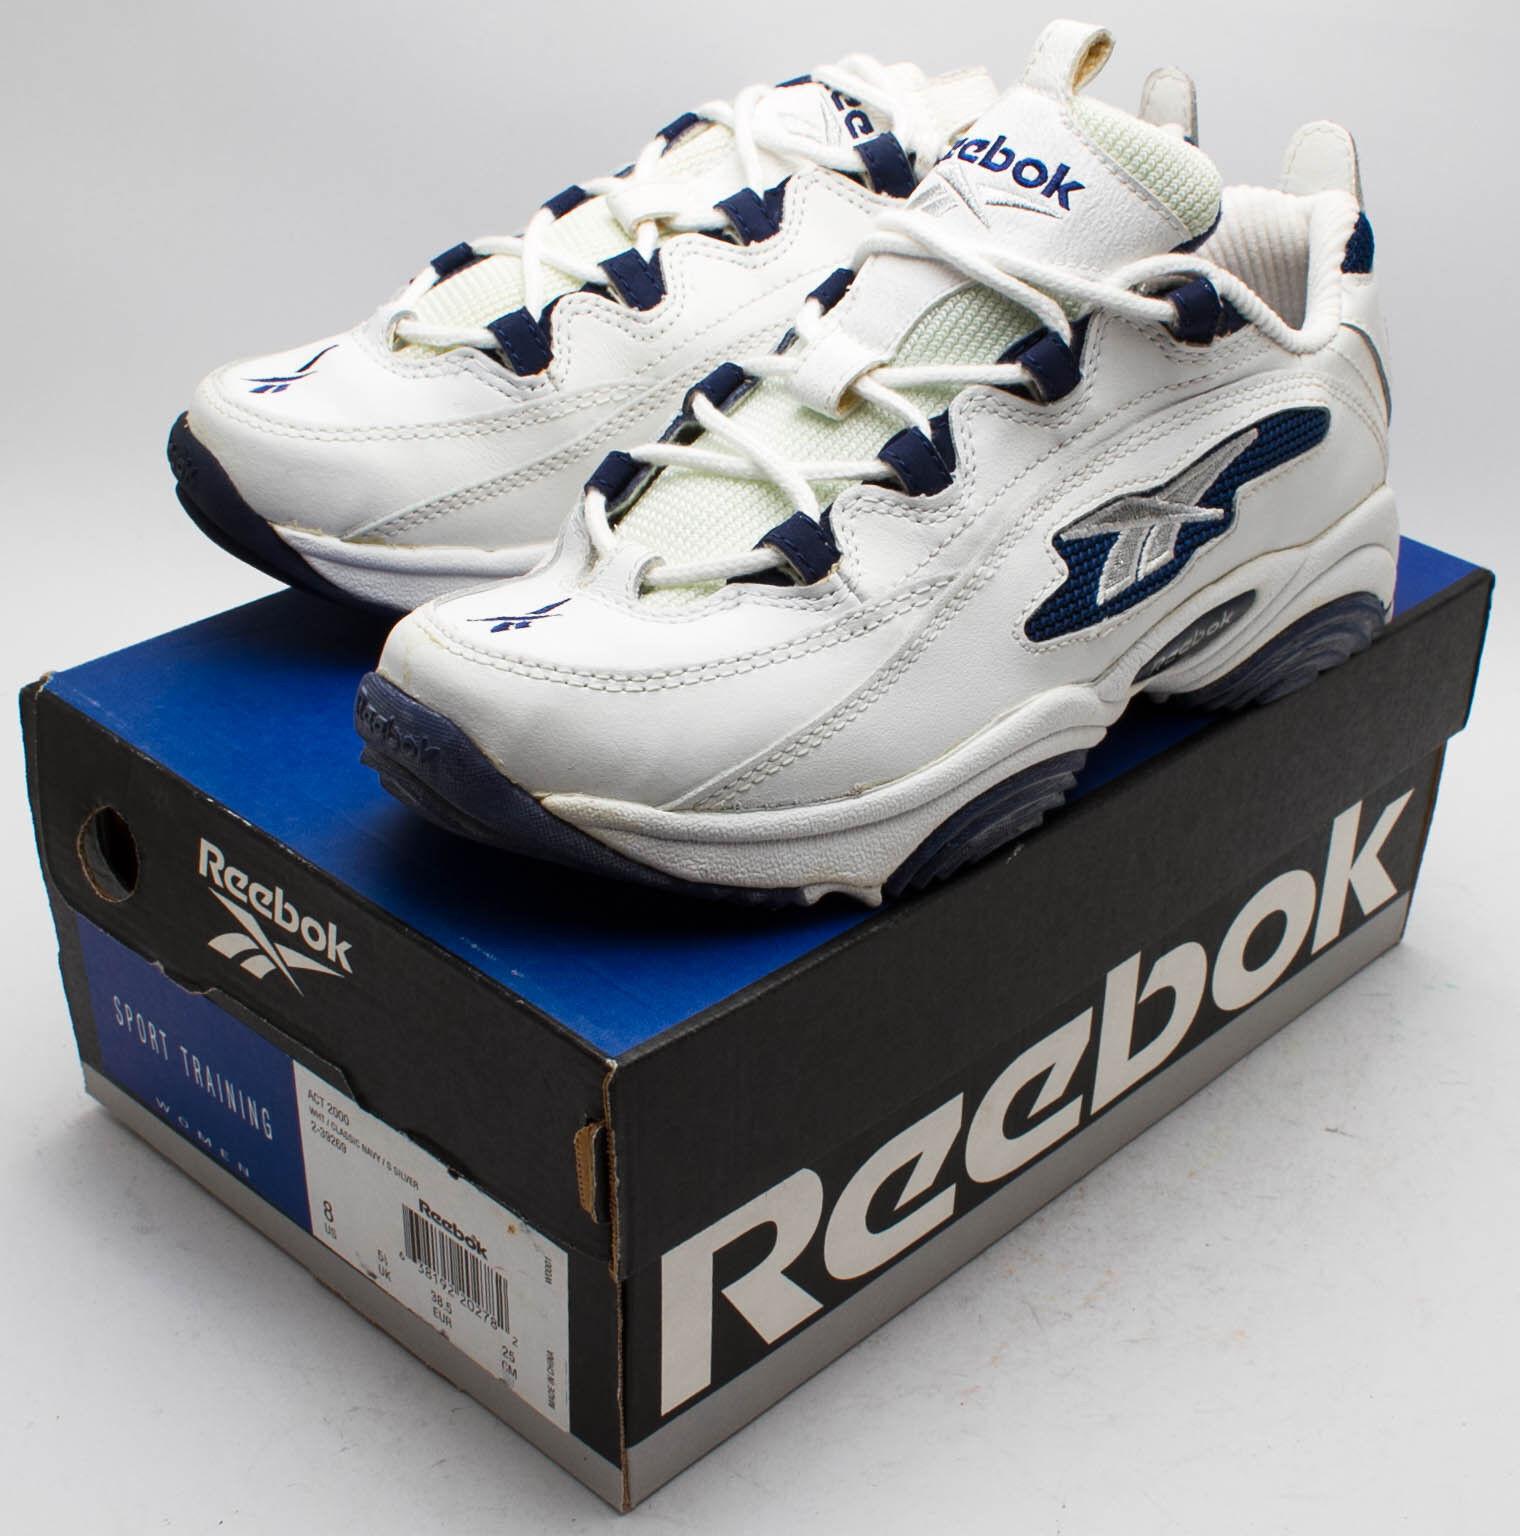 Reebok Women's Vintage 1990's Act 2000 shoes 2-39269 White Navy sz. 8